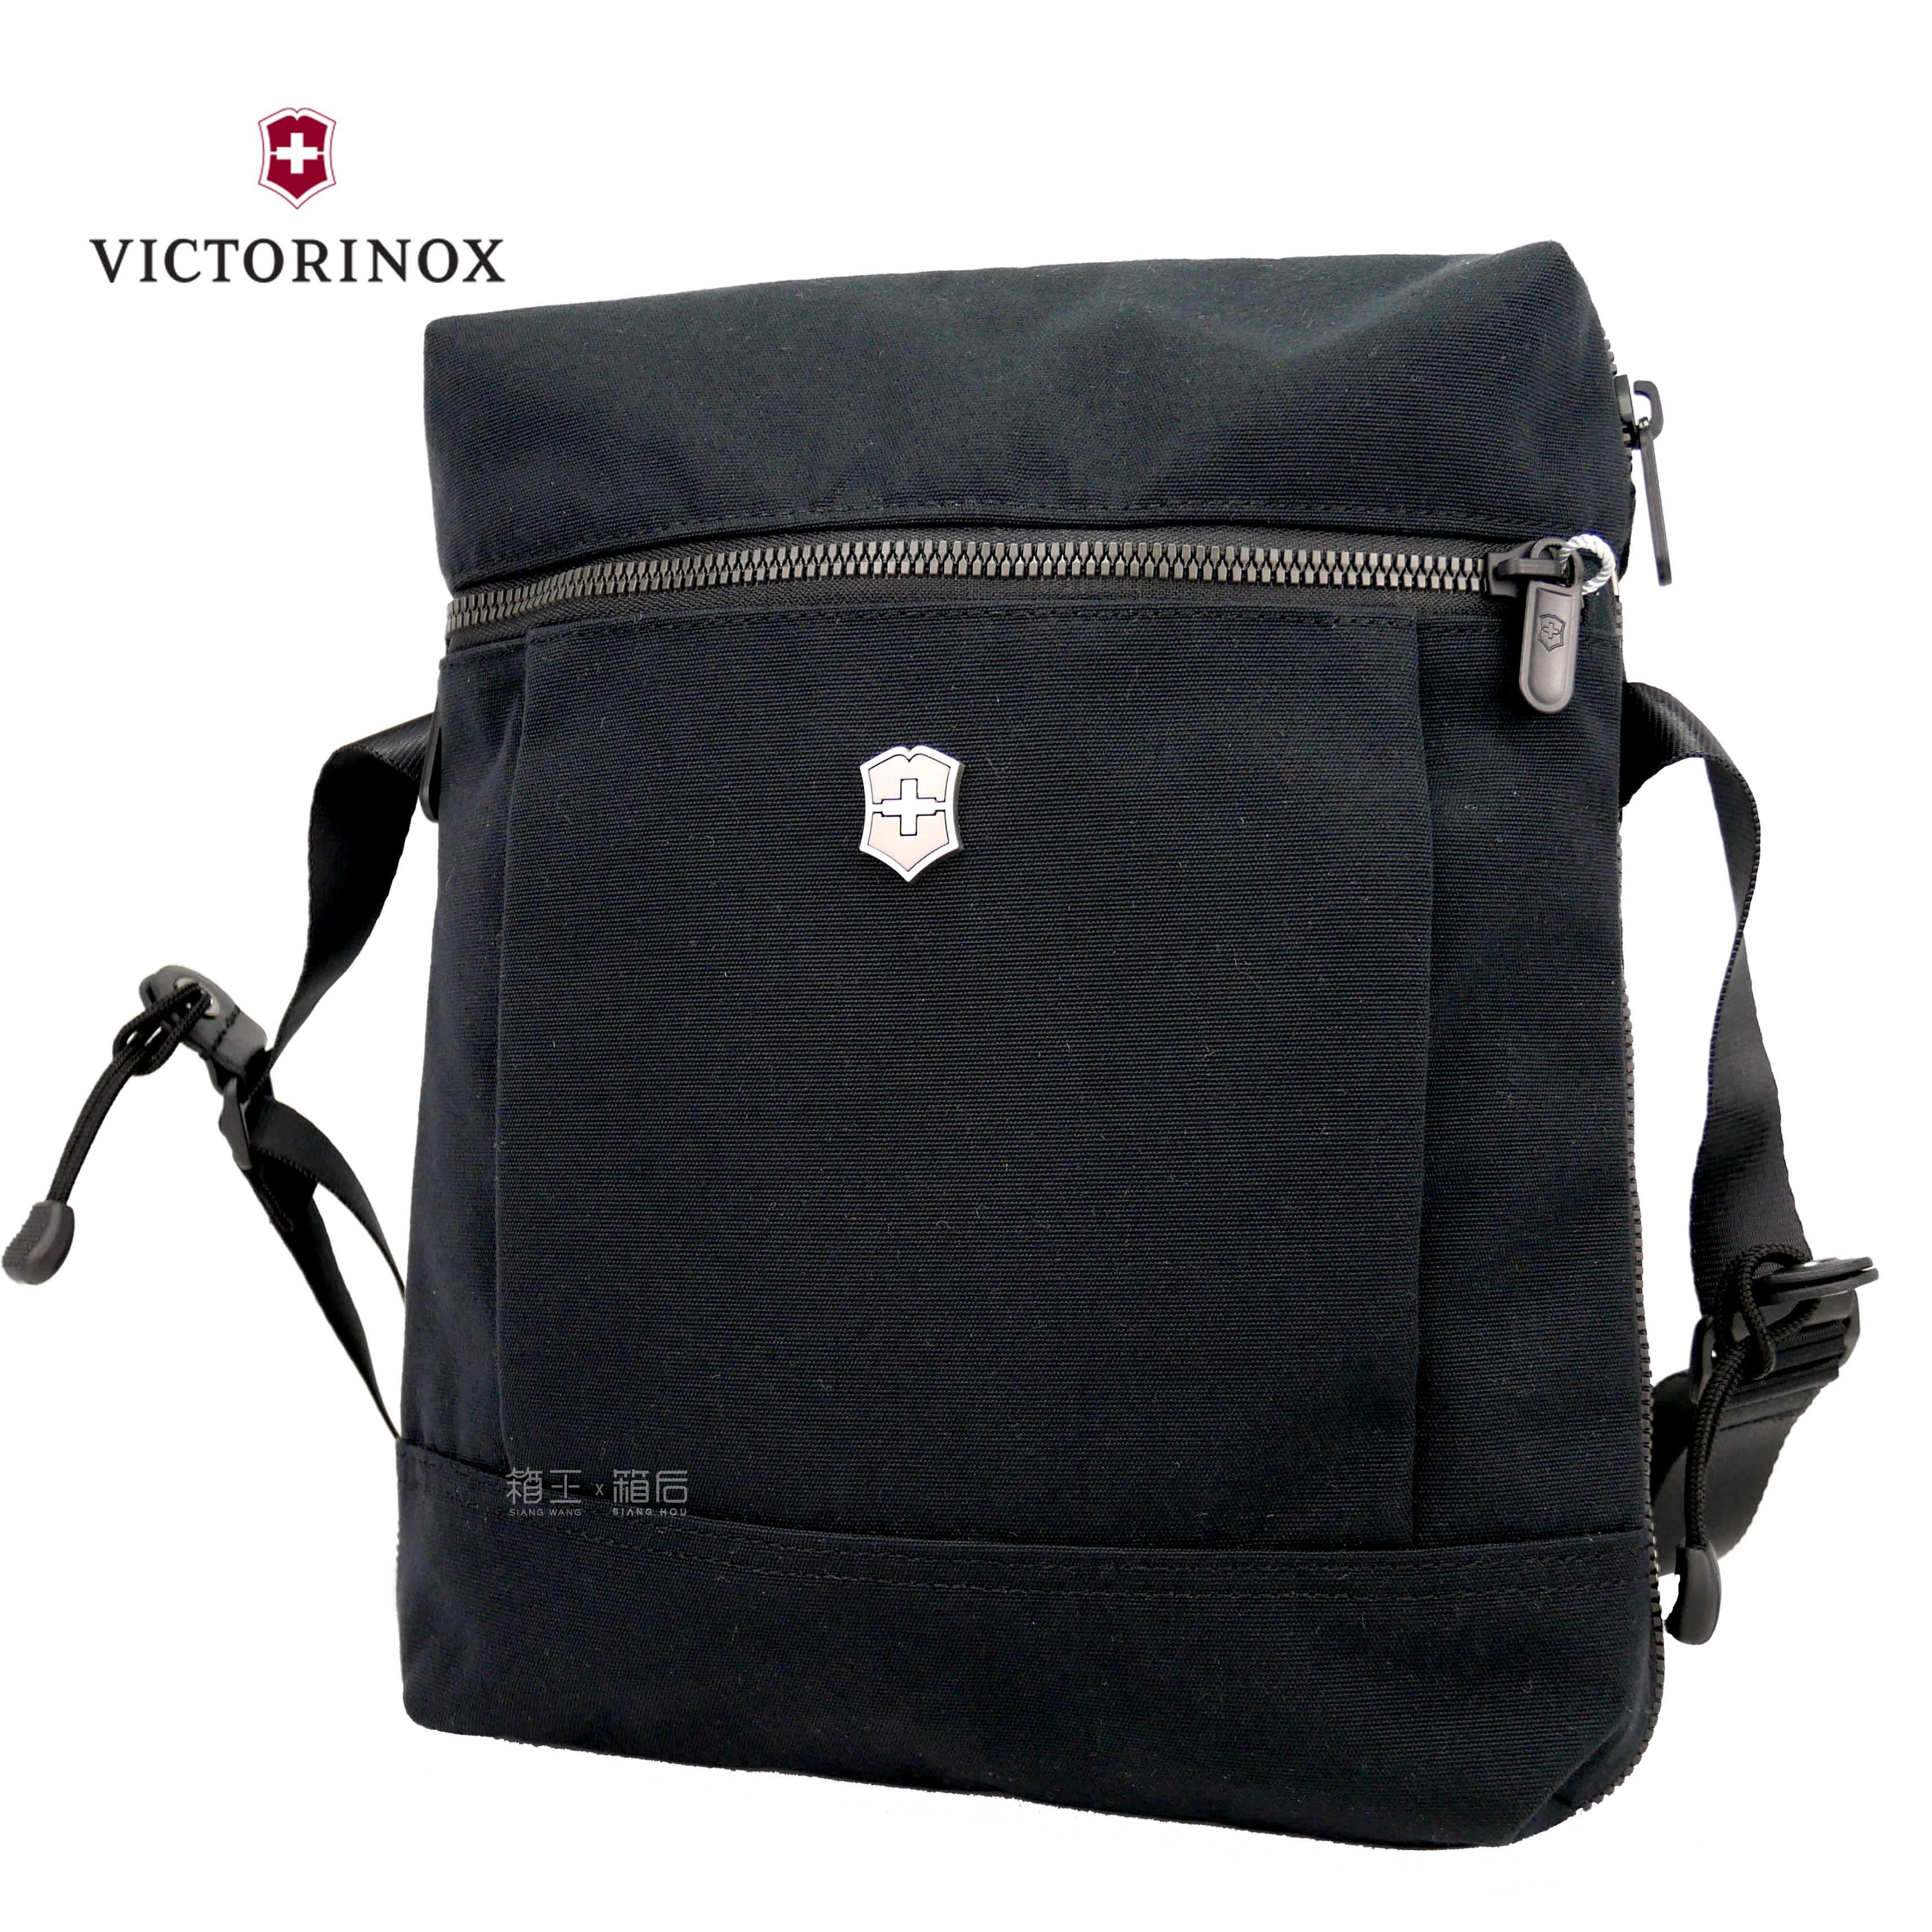 VICTORINOX 瑞士維氏 可加大 平板側背包 斜背包 側背包 商務包 公文包 可插拉桿側背包 TRGE-607122